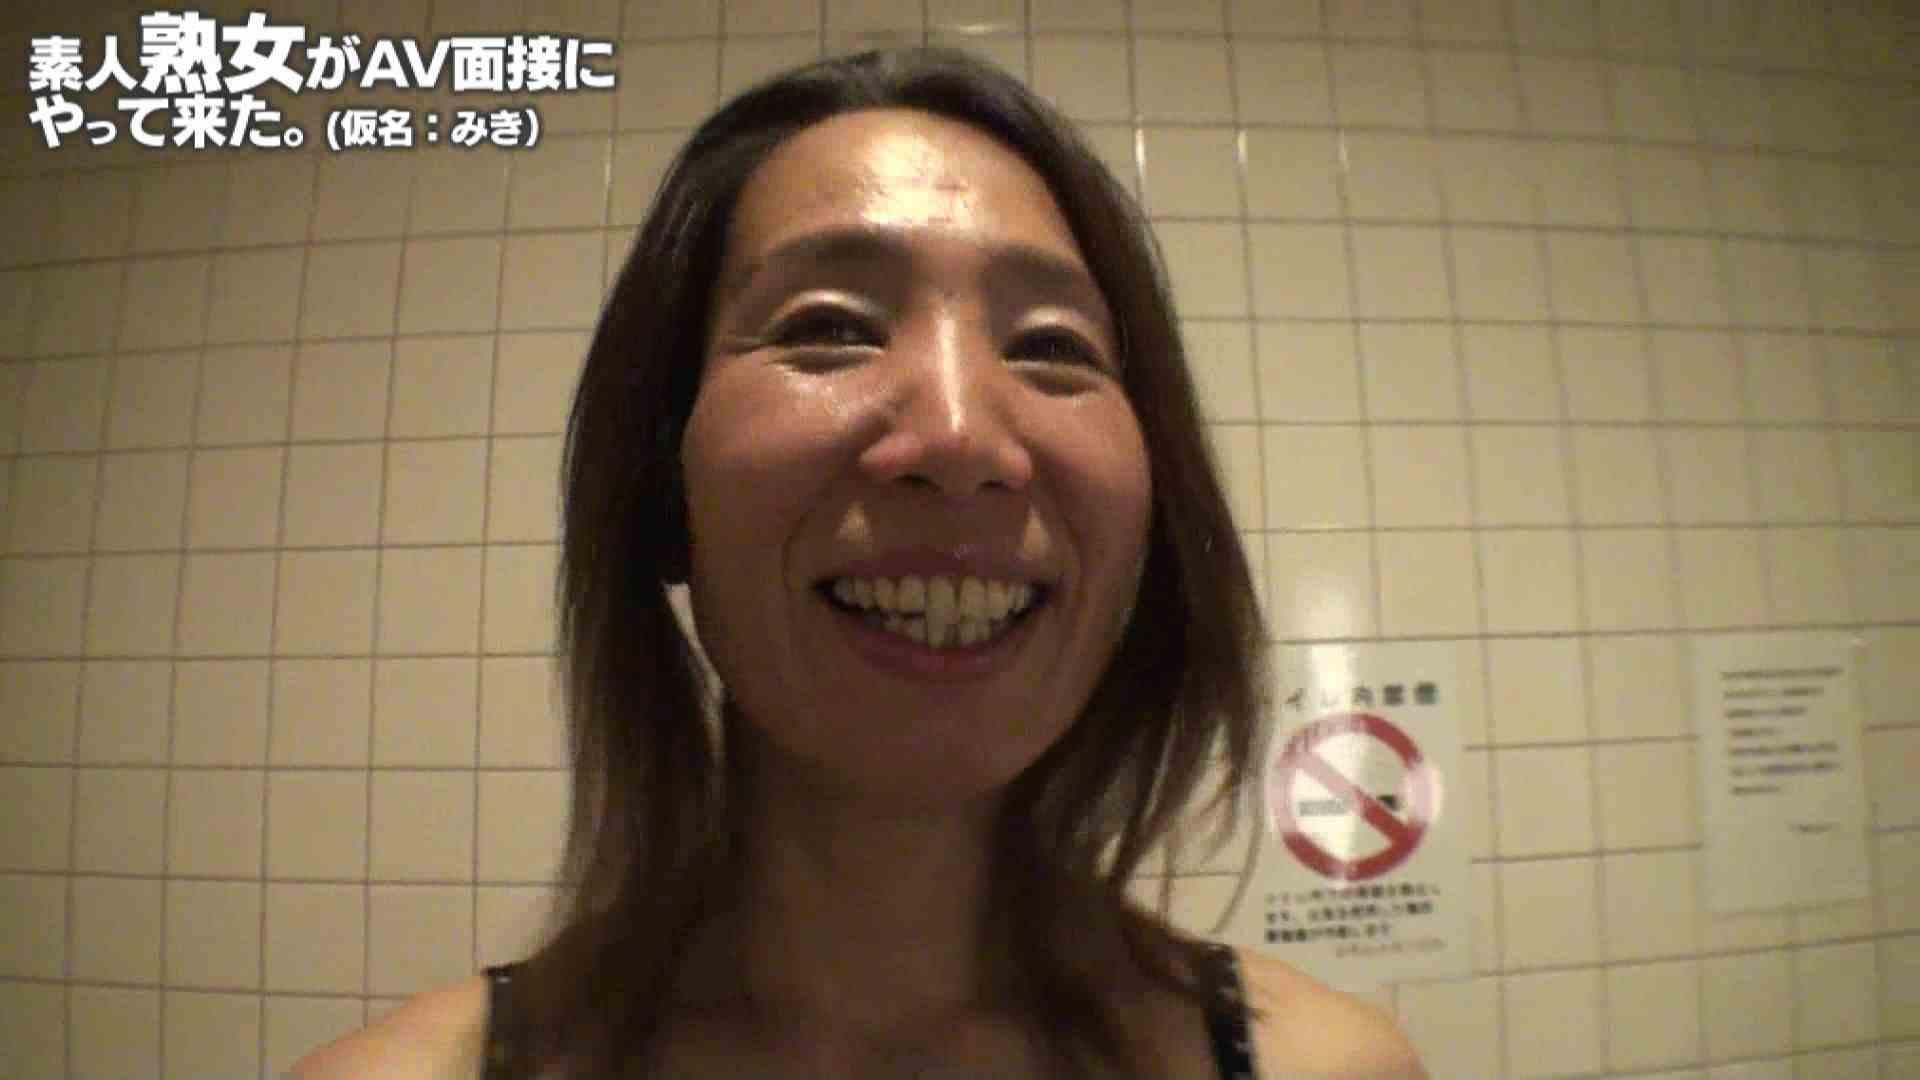 素人熟女がAV面接にやってきた (熟女)みきさんVOL.03 中出し 性交動画流出 105pic 18